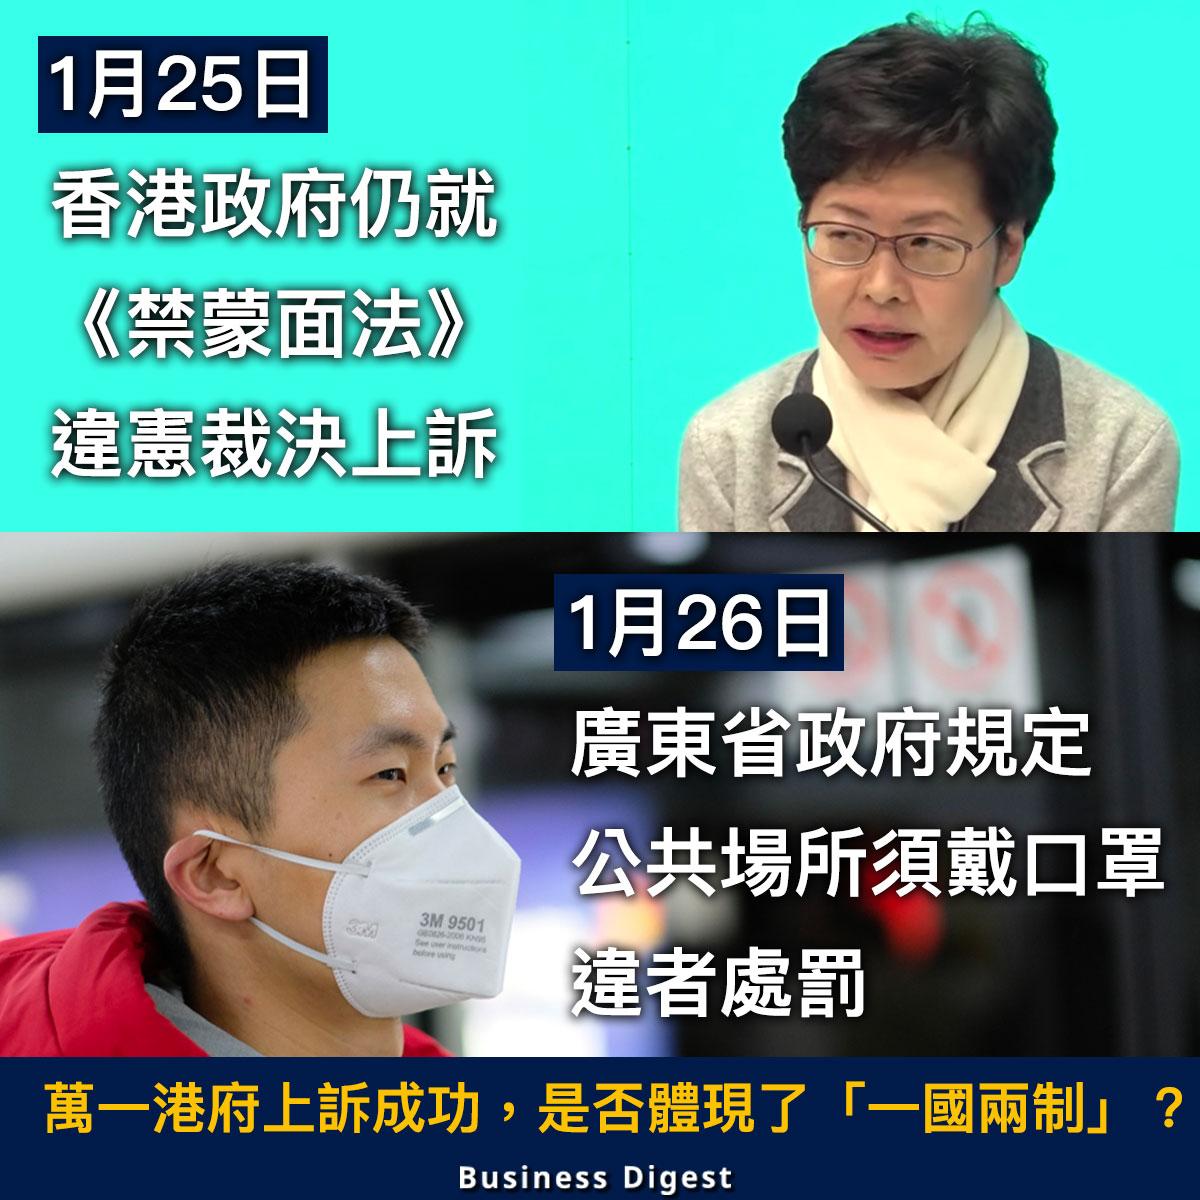 【全城關注】廣東省政府規定公共場所須戴口罩違者處罰